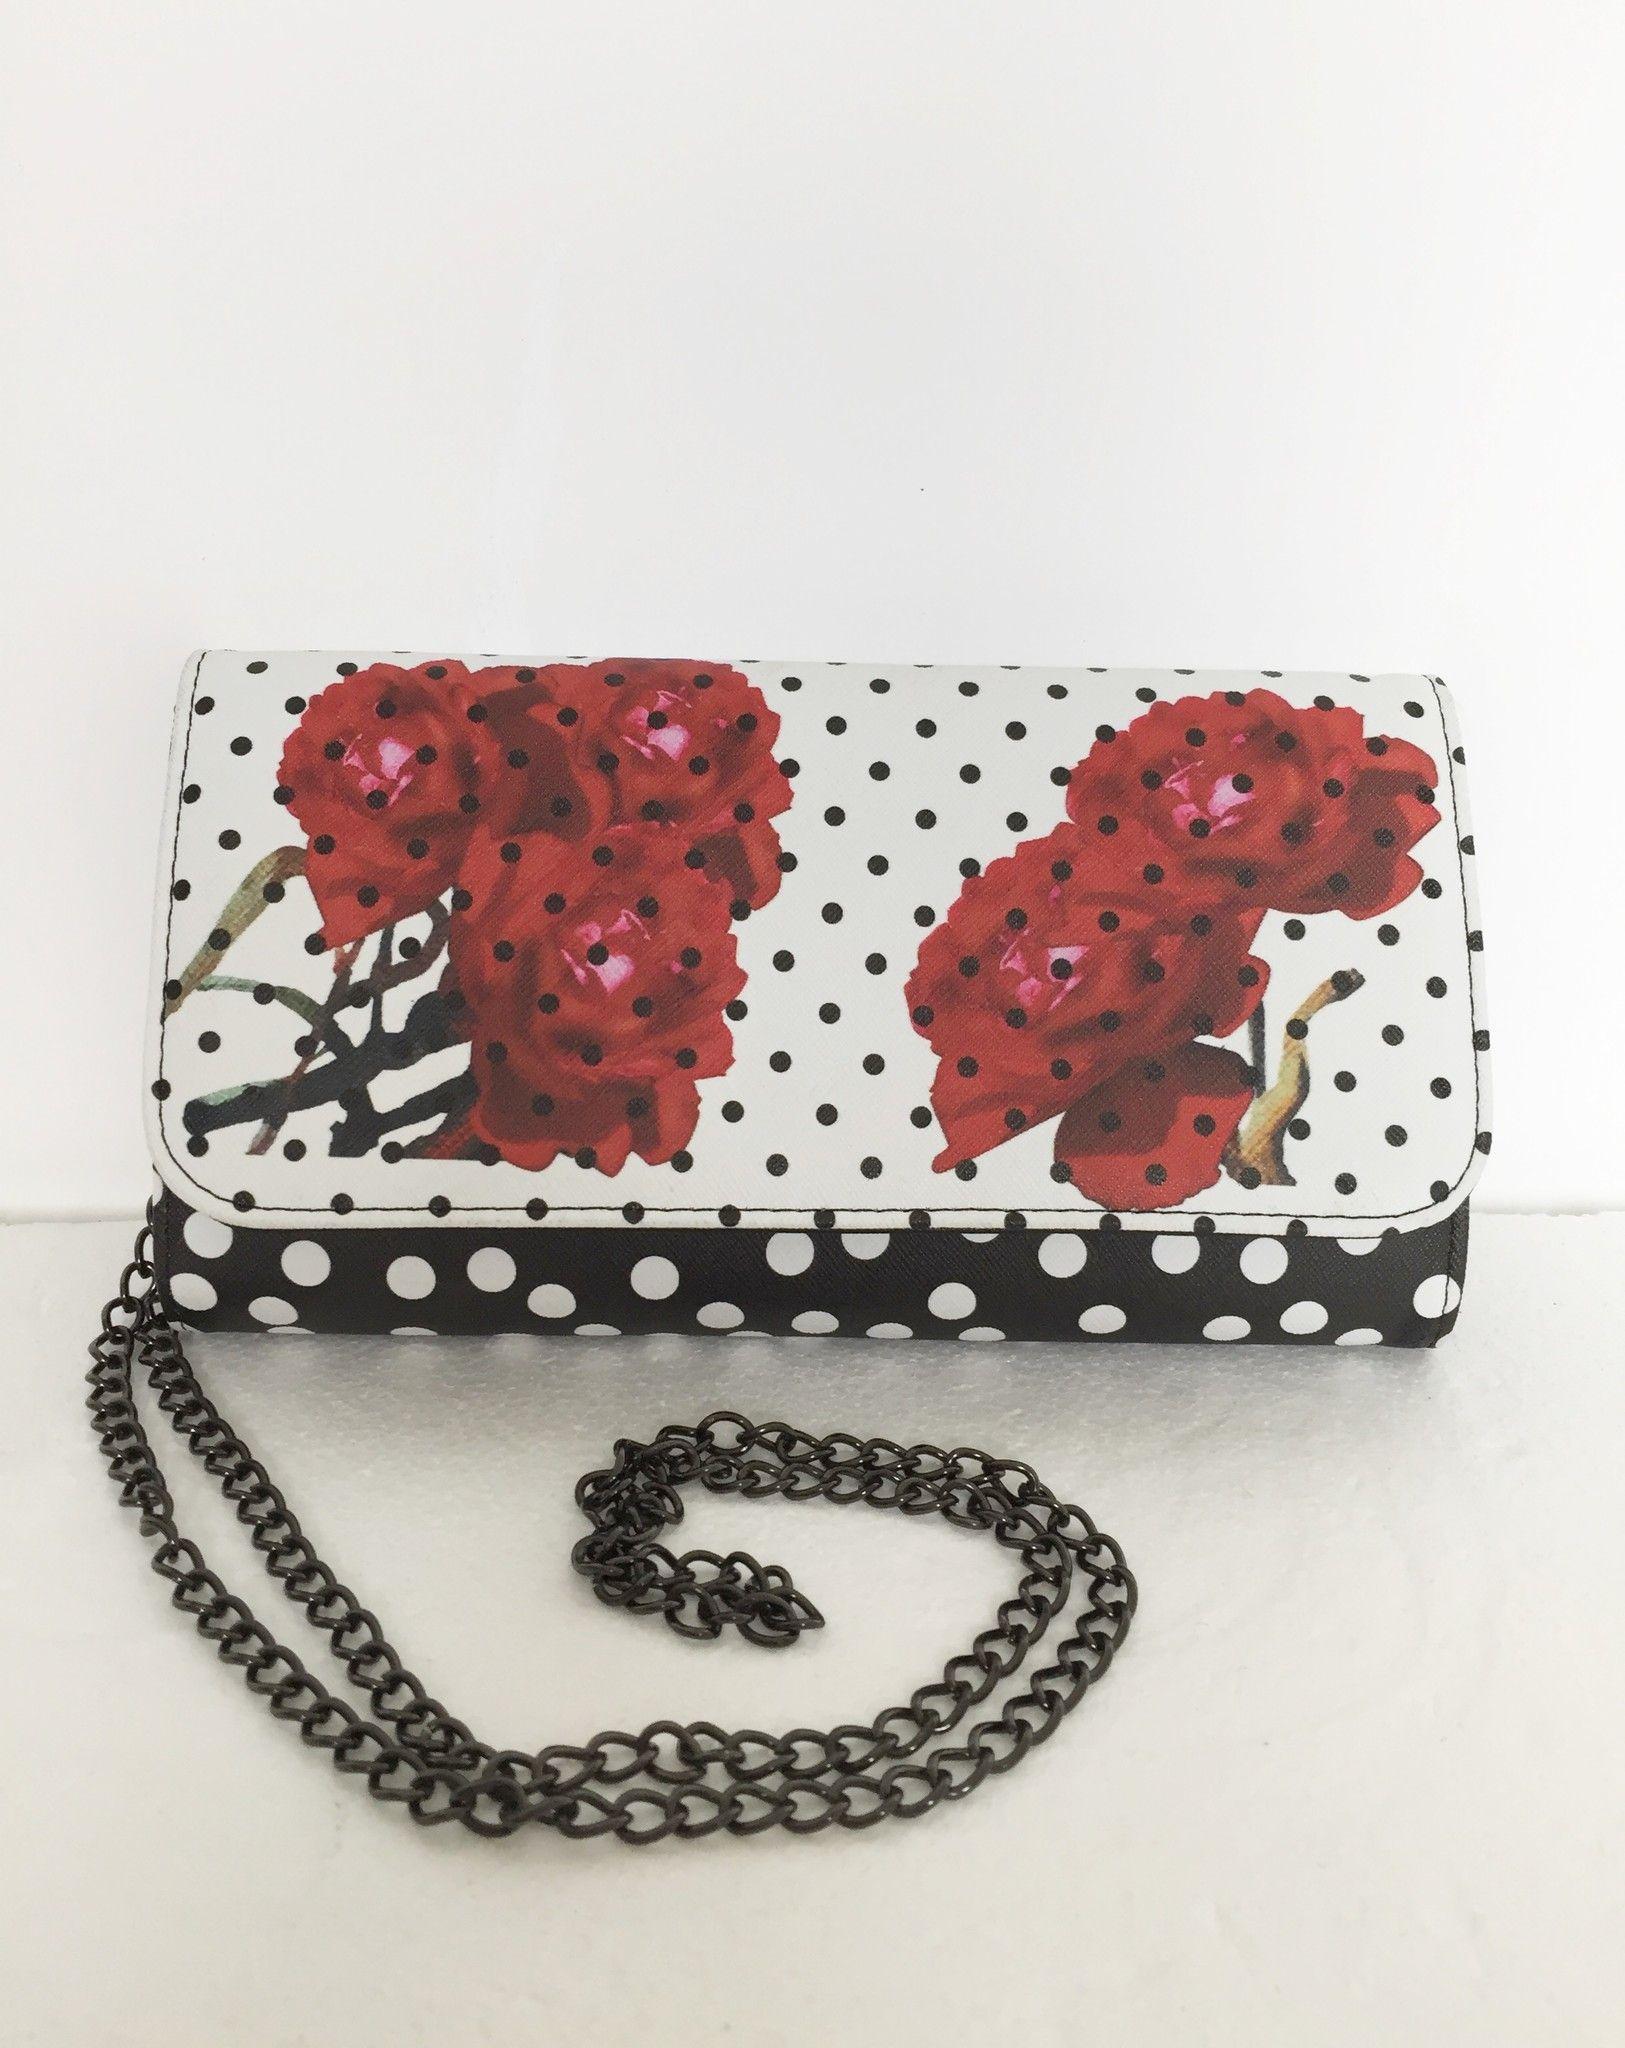 Pochette LadyBug a Pois e Fiori con Tracolla in Metallo Cod.5625